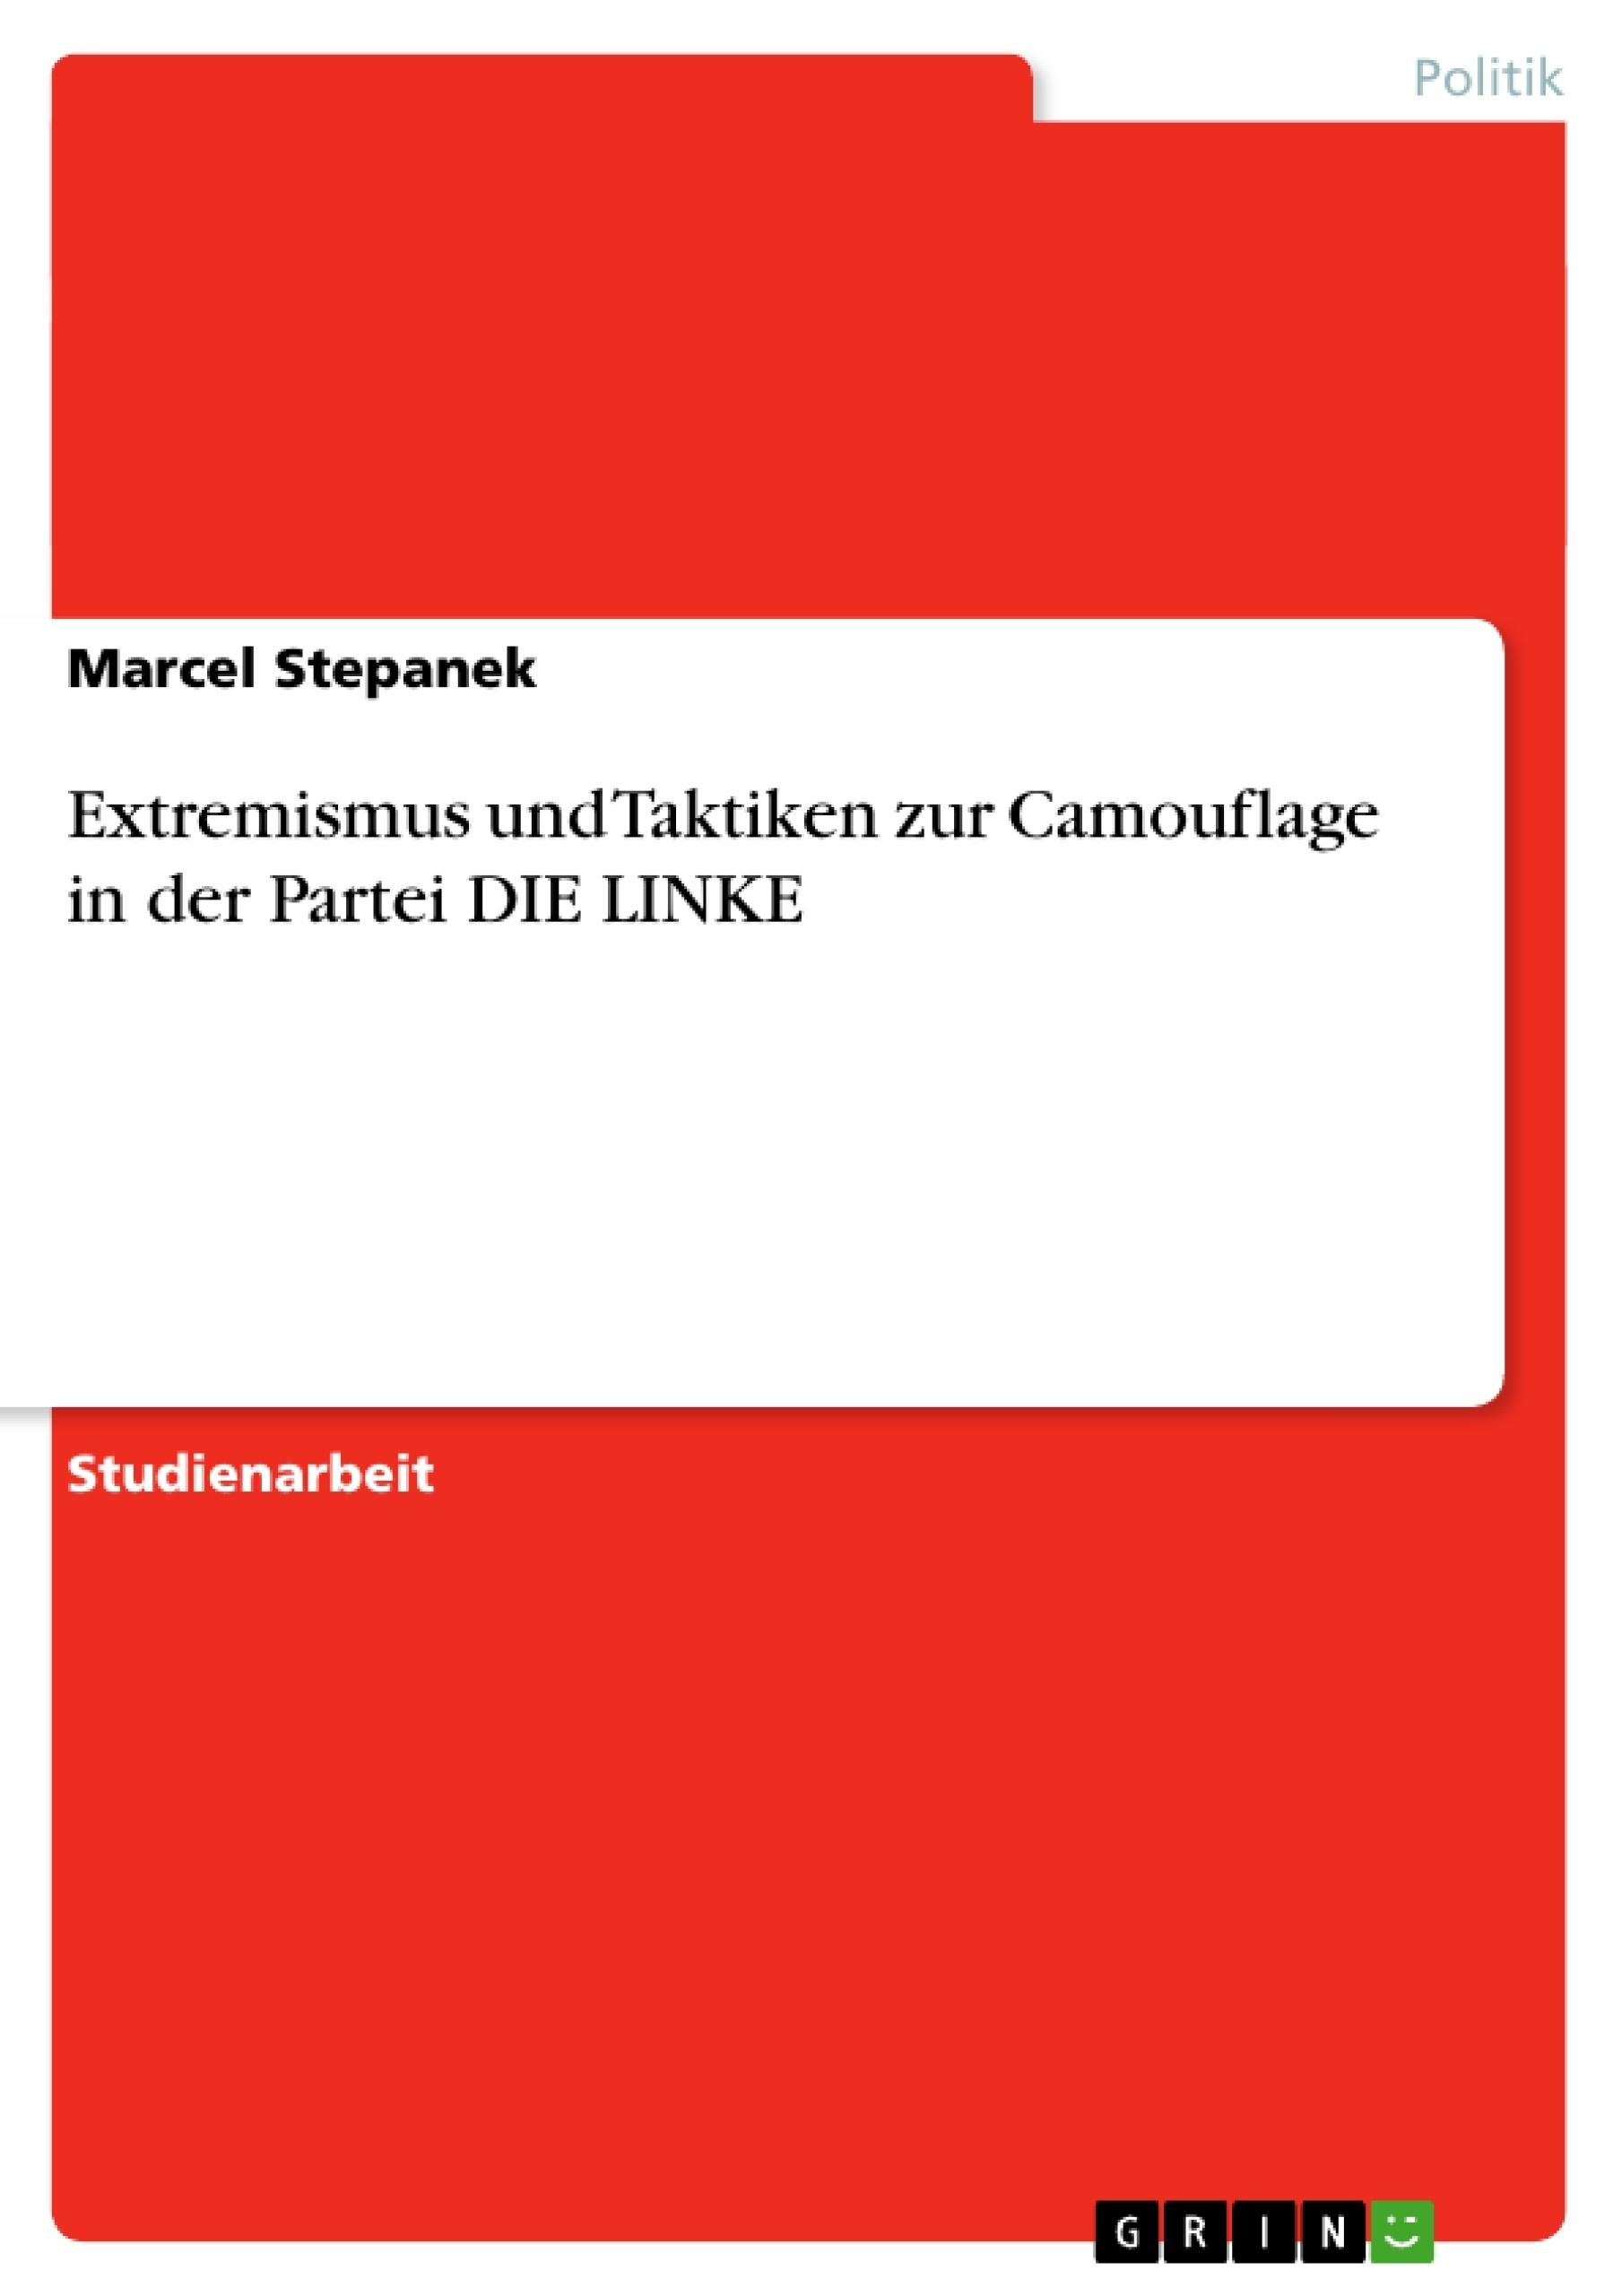 Titel: Extremismus und Taktiken zur Camouflage in der Partei DIE LINKE